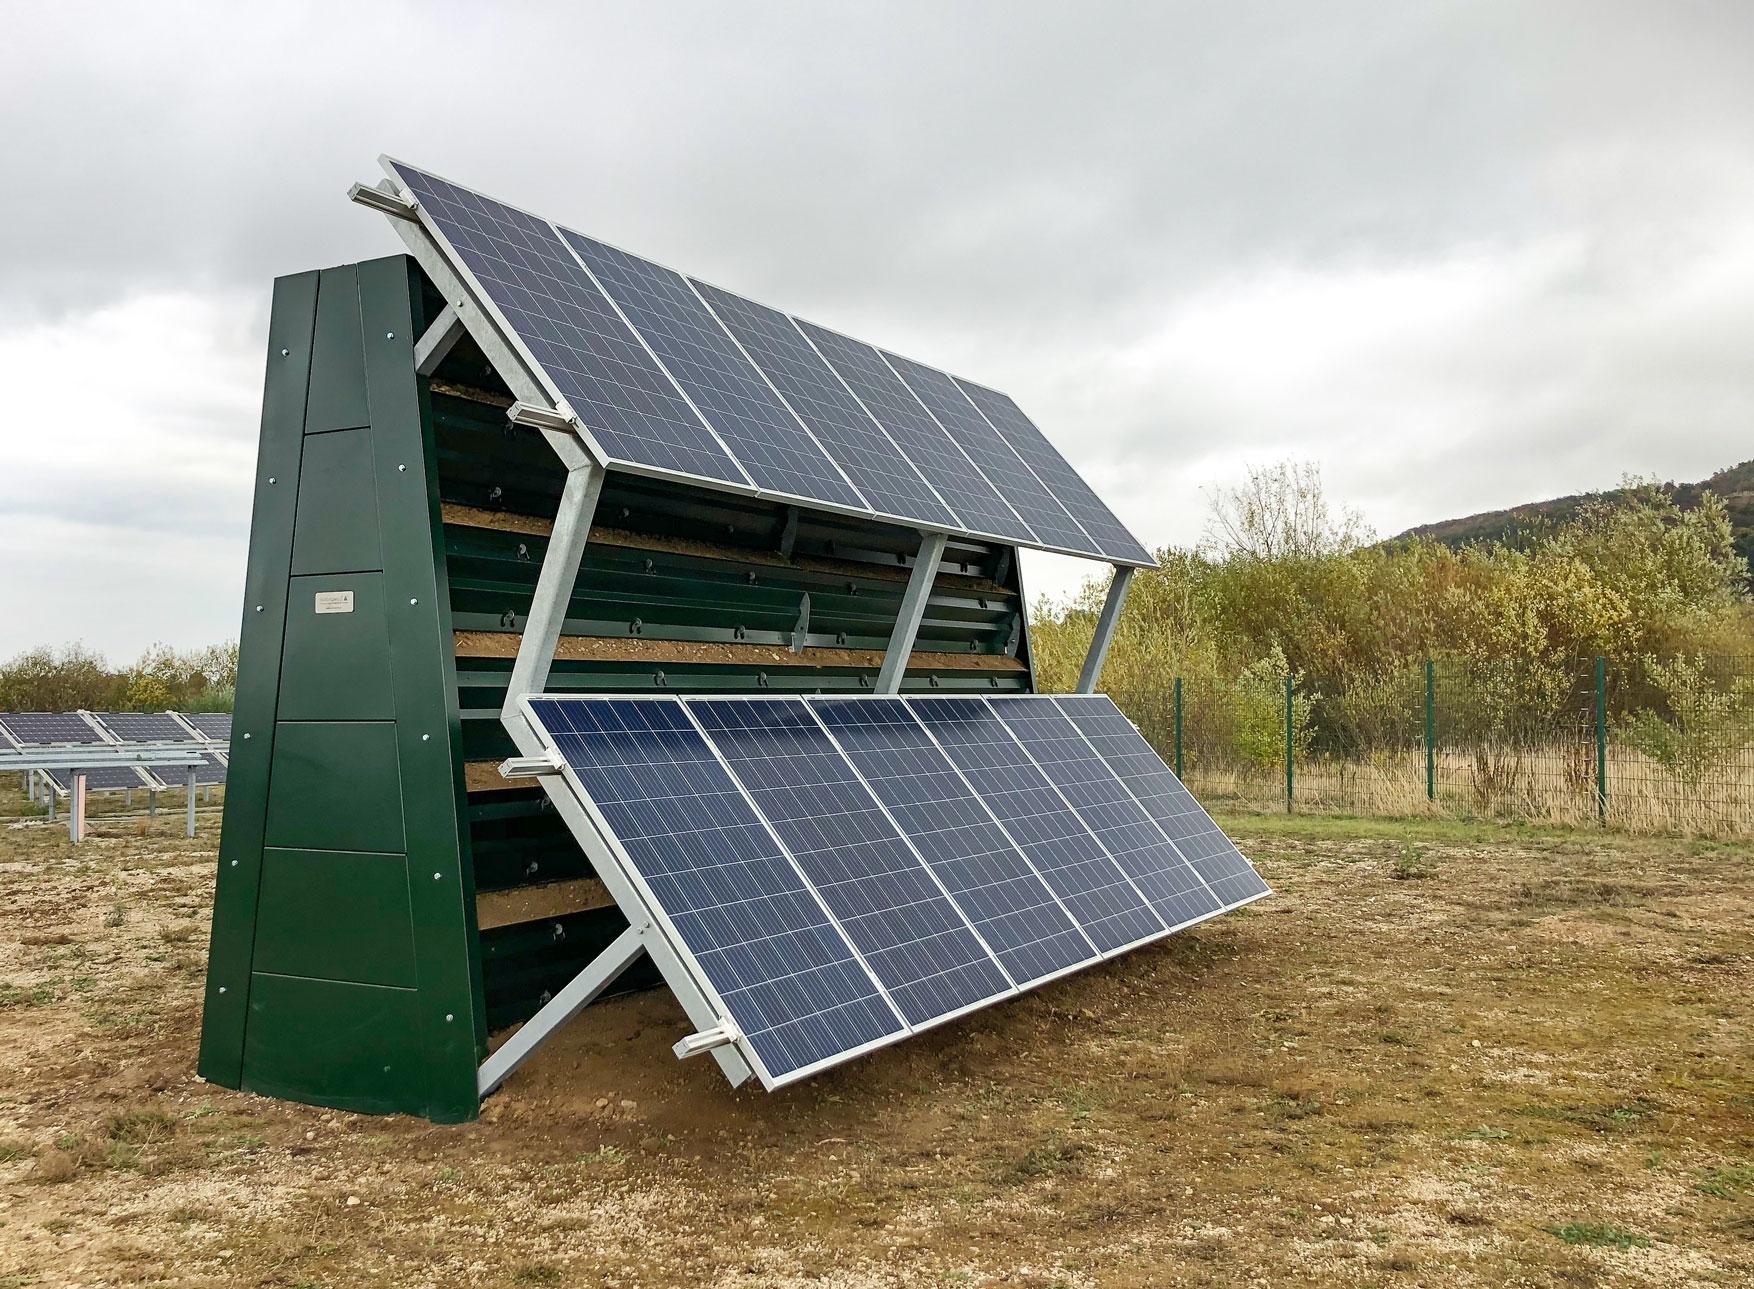 ökologische naturawall Lärmschutzwand mit einer Photovoltaik Anlage kombiniert